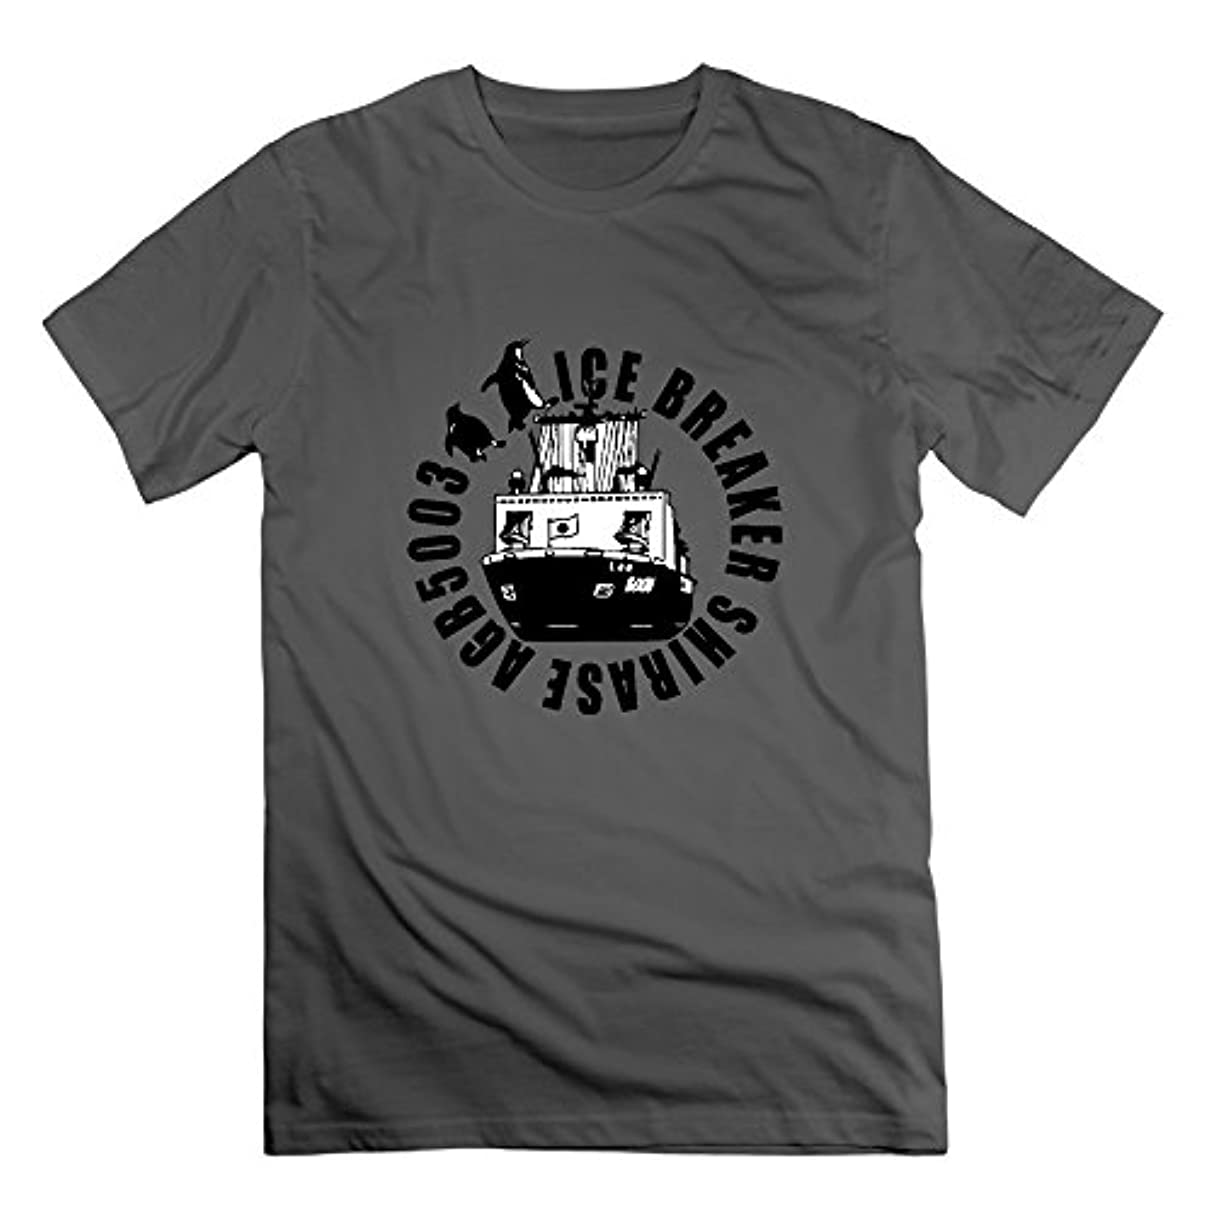 オピエート等文字Typhoon KAORI メンズ半袖Tシャツ 海上自衛隊グッズ アメカジアート 観測船 南極 ペンギン 航海 カジュアル創意 オリジナルカットソー カラー展開